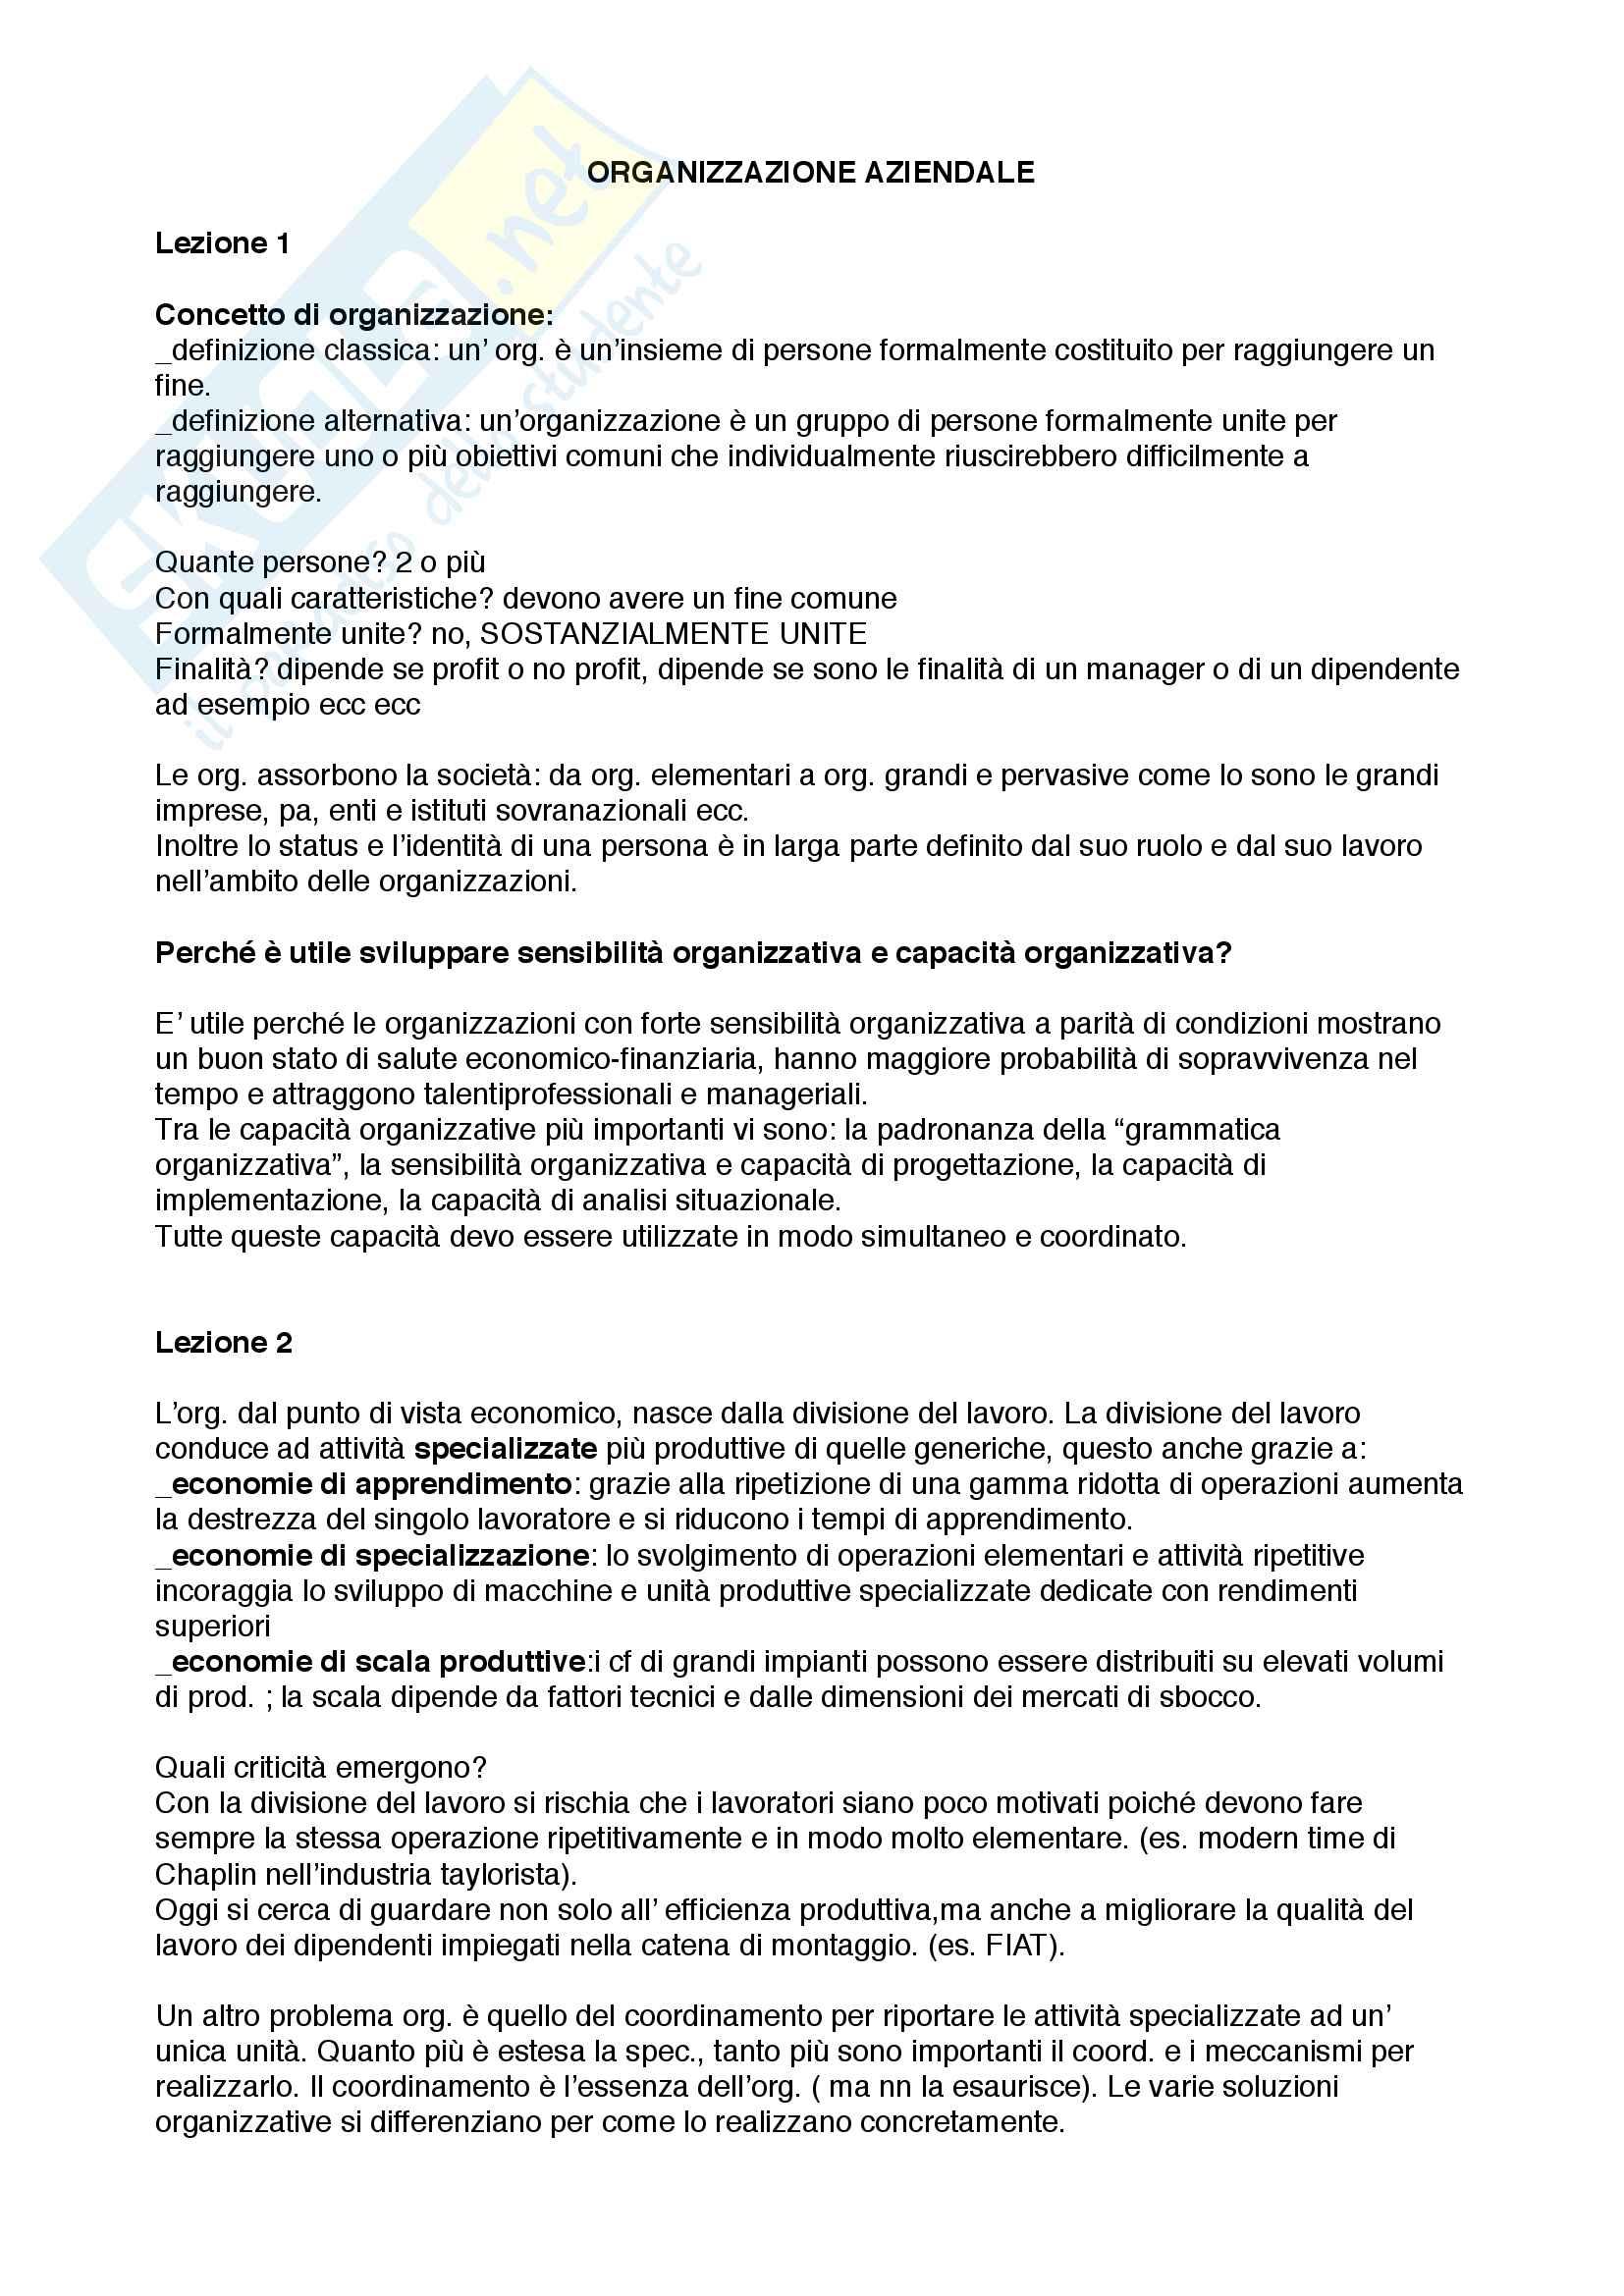 """Riassunto per l'esame di Organizzazione aziendale, prof. Francesconi, libro consigliato """"Mercati, gerarchie e convenzioni"""",McGraw-Hill"""